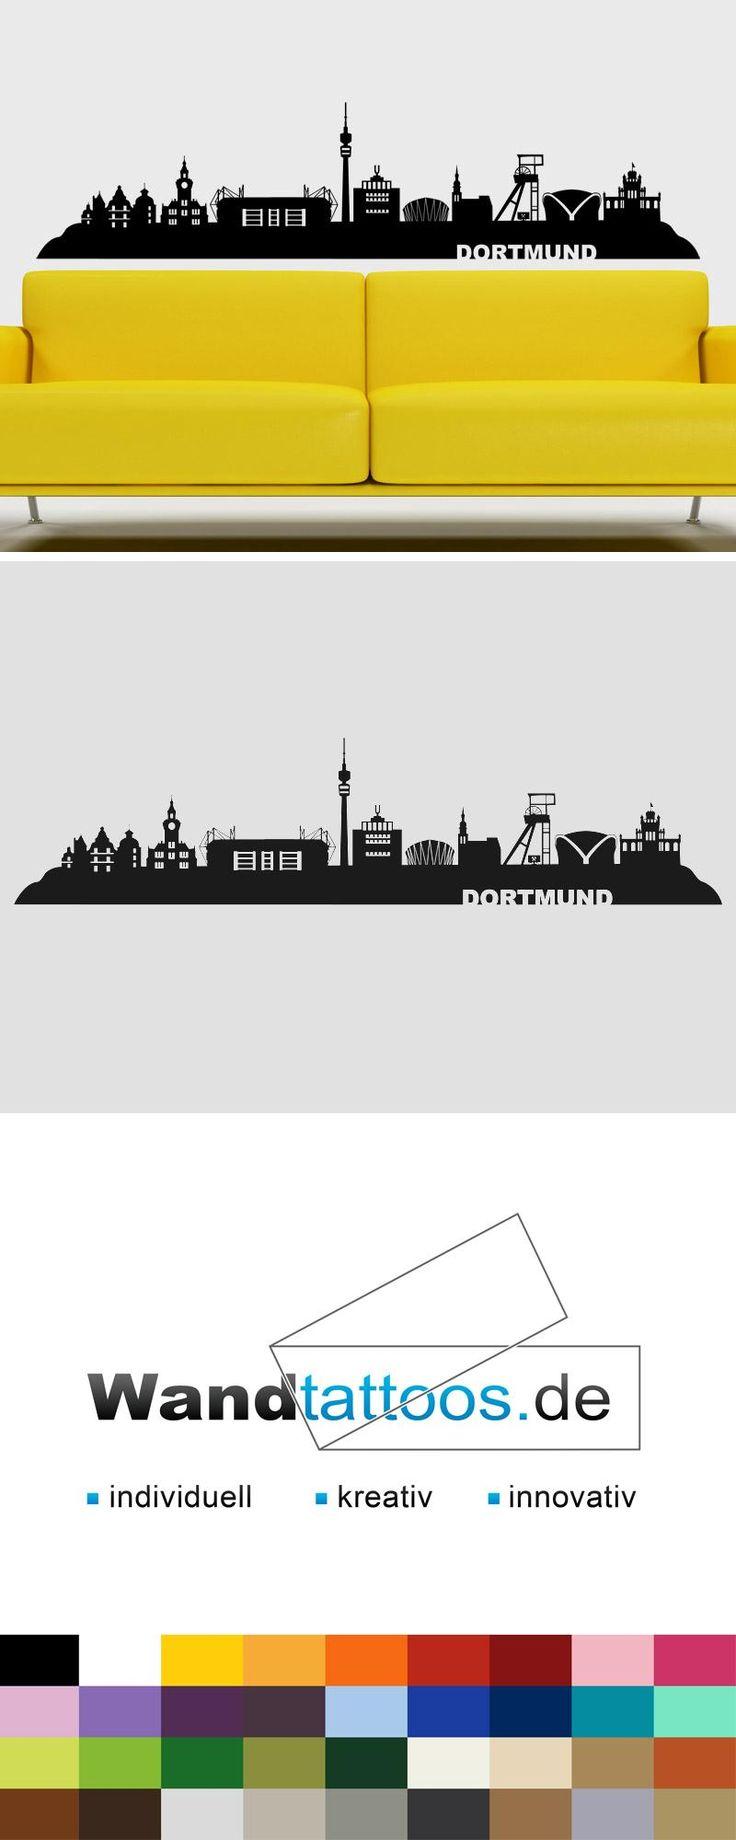 Wandtattoo Skyline Dortmund als Idee zur individuellen Wandgestaltung. Einfach Lieblingsfarbe und Größe auswählen. Weitere kreative Anregungen von Wandtattoos.de hier entdecken!